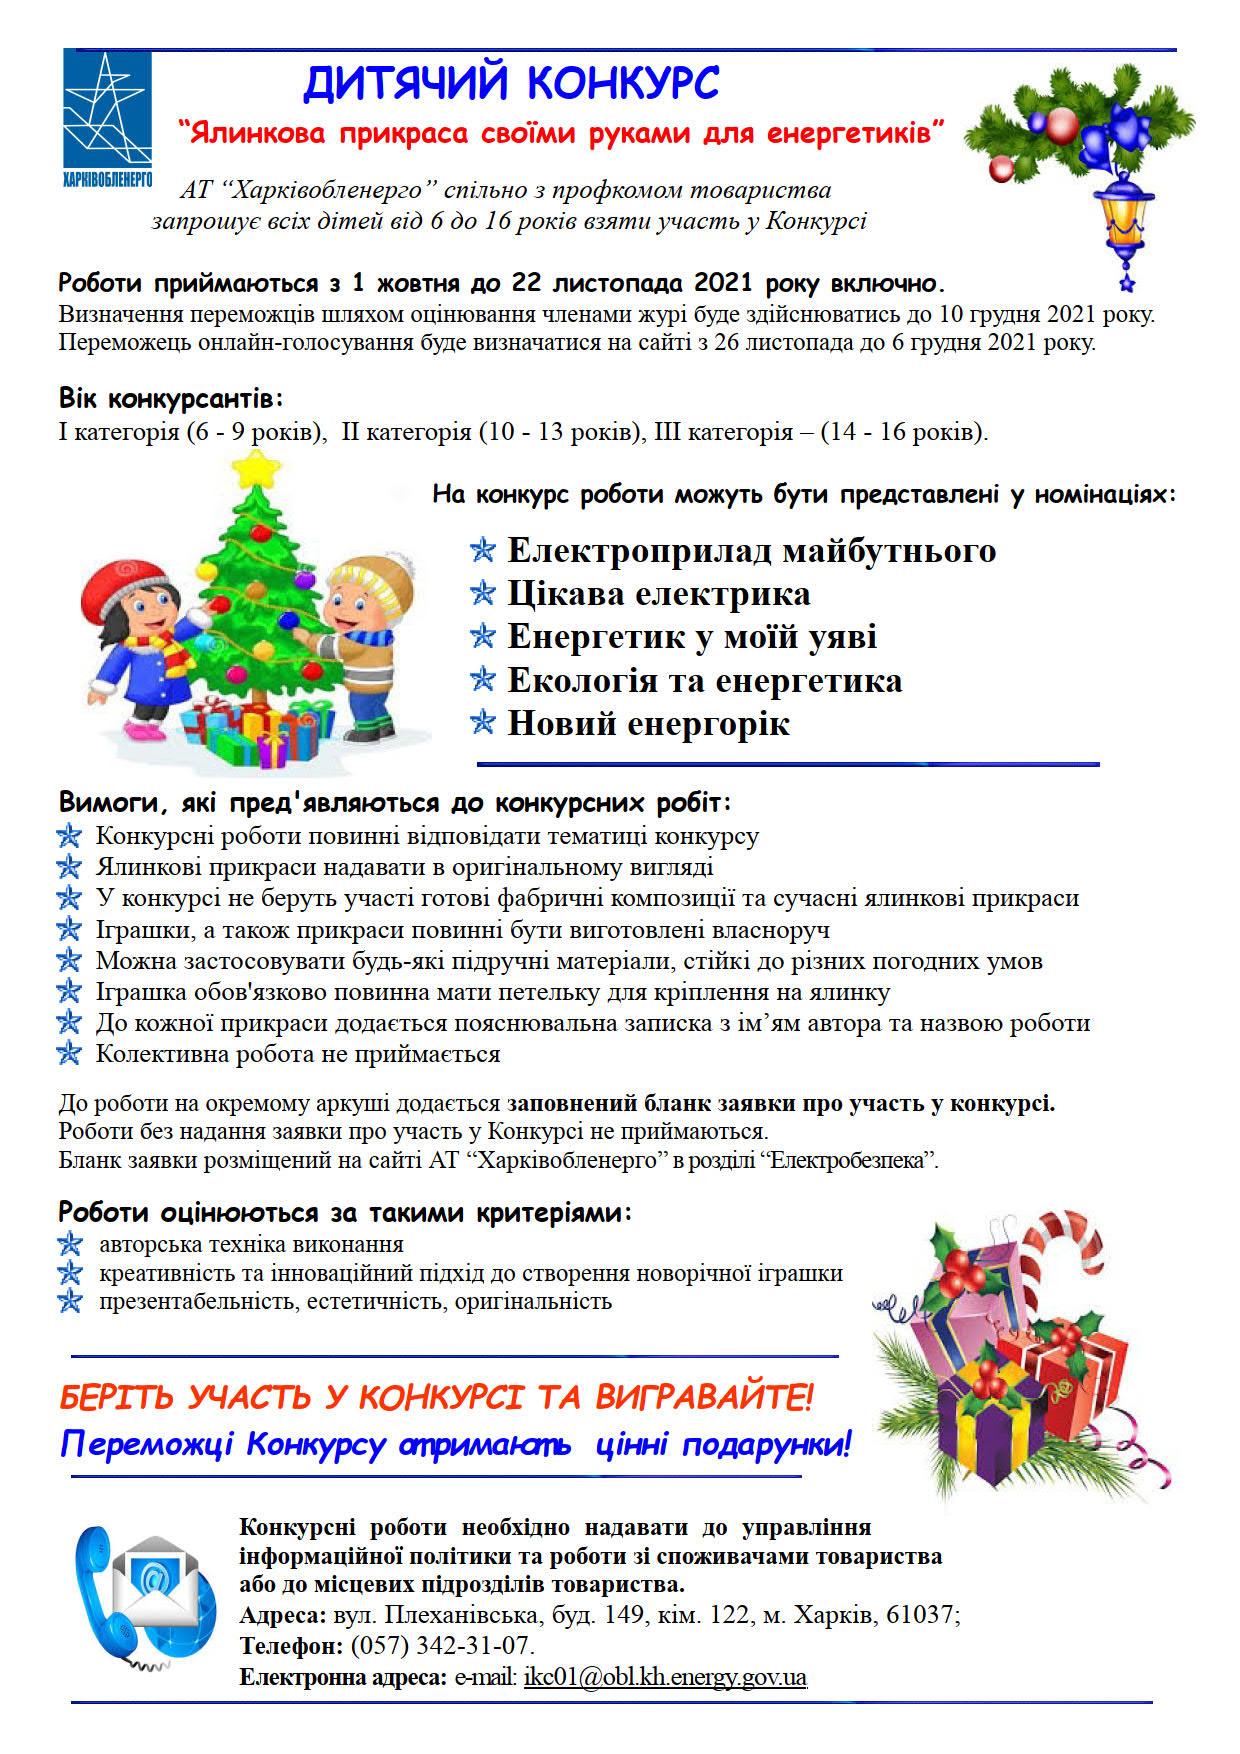 Умови участі у конкурсі ялинкової прикраси_1